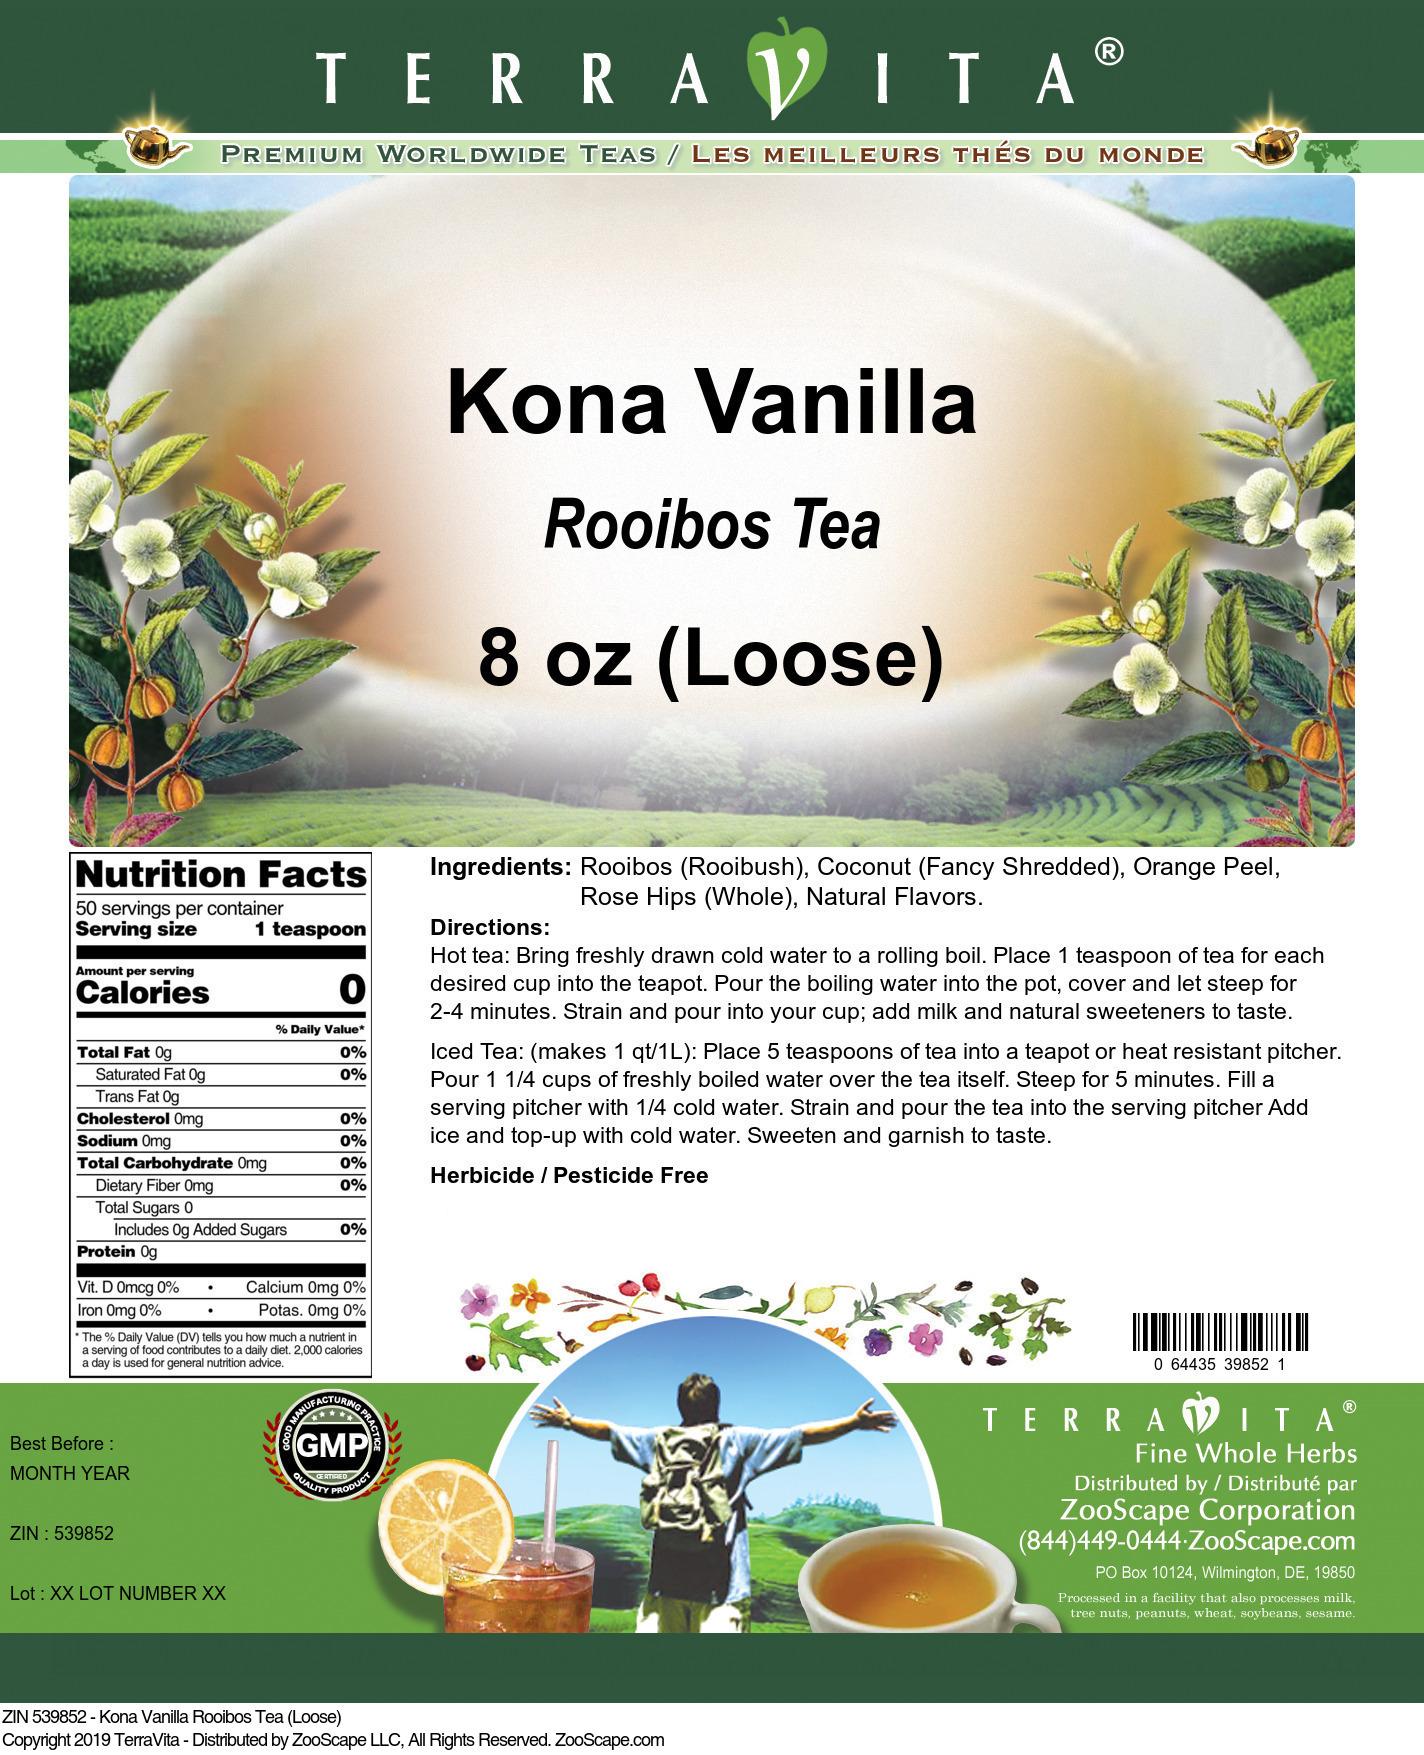 Kona Vanilla Rooibos Tea